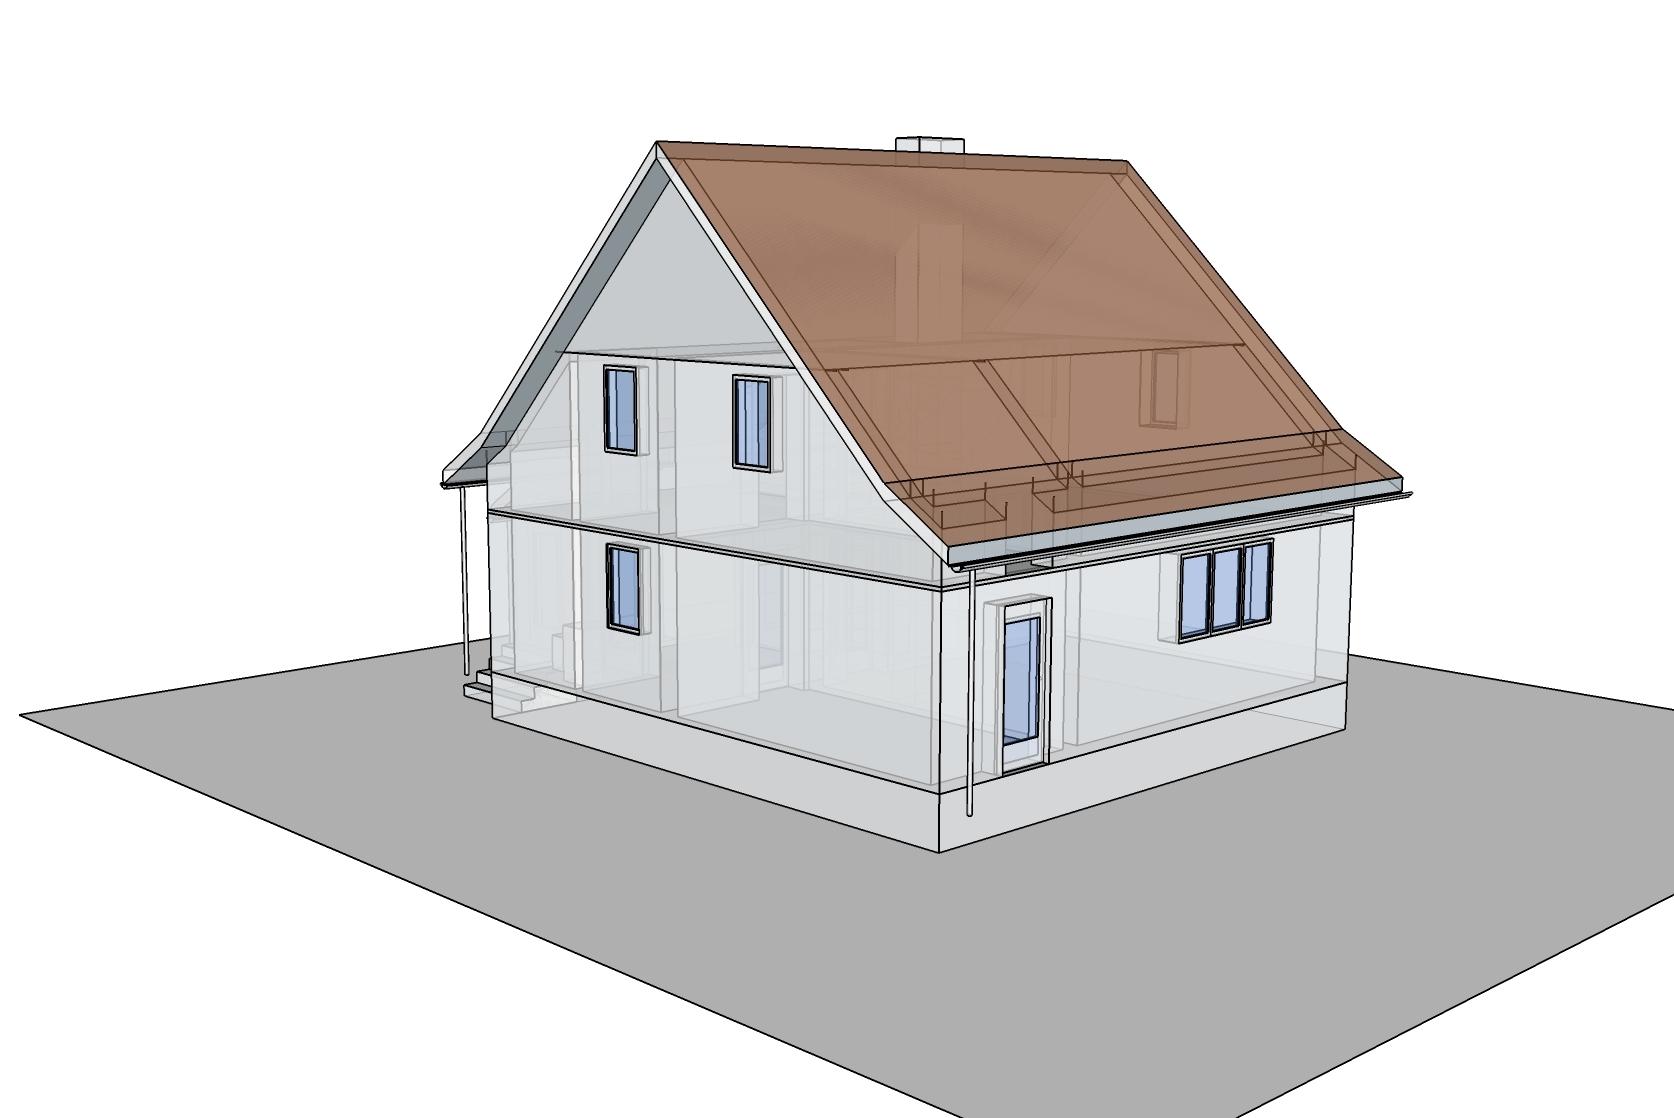 Ddr einfamilienhaus ew 58 grundriss